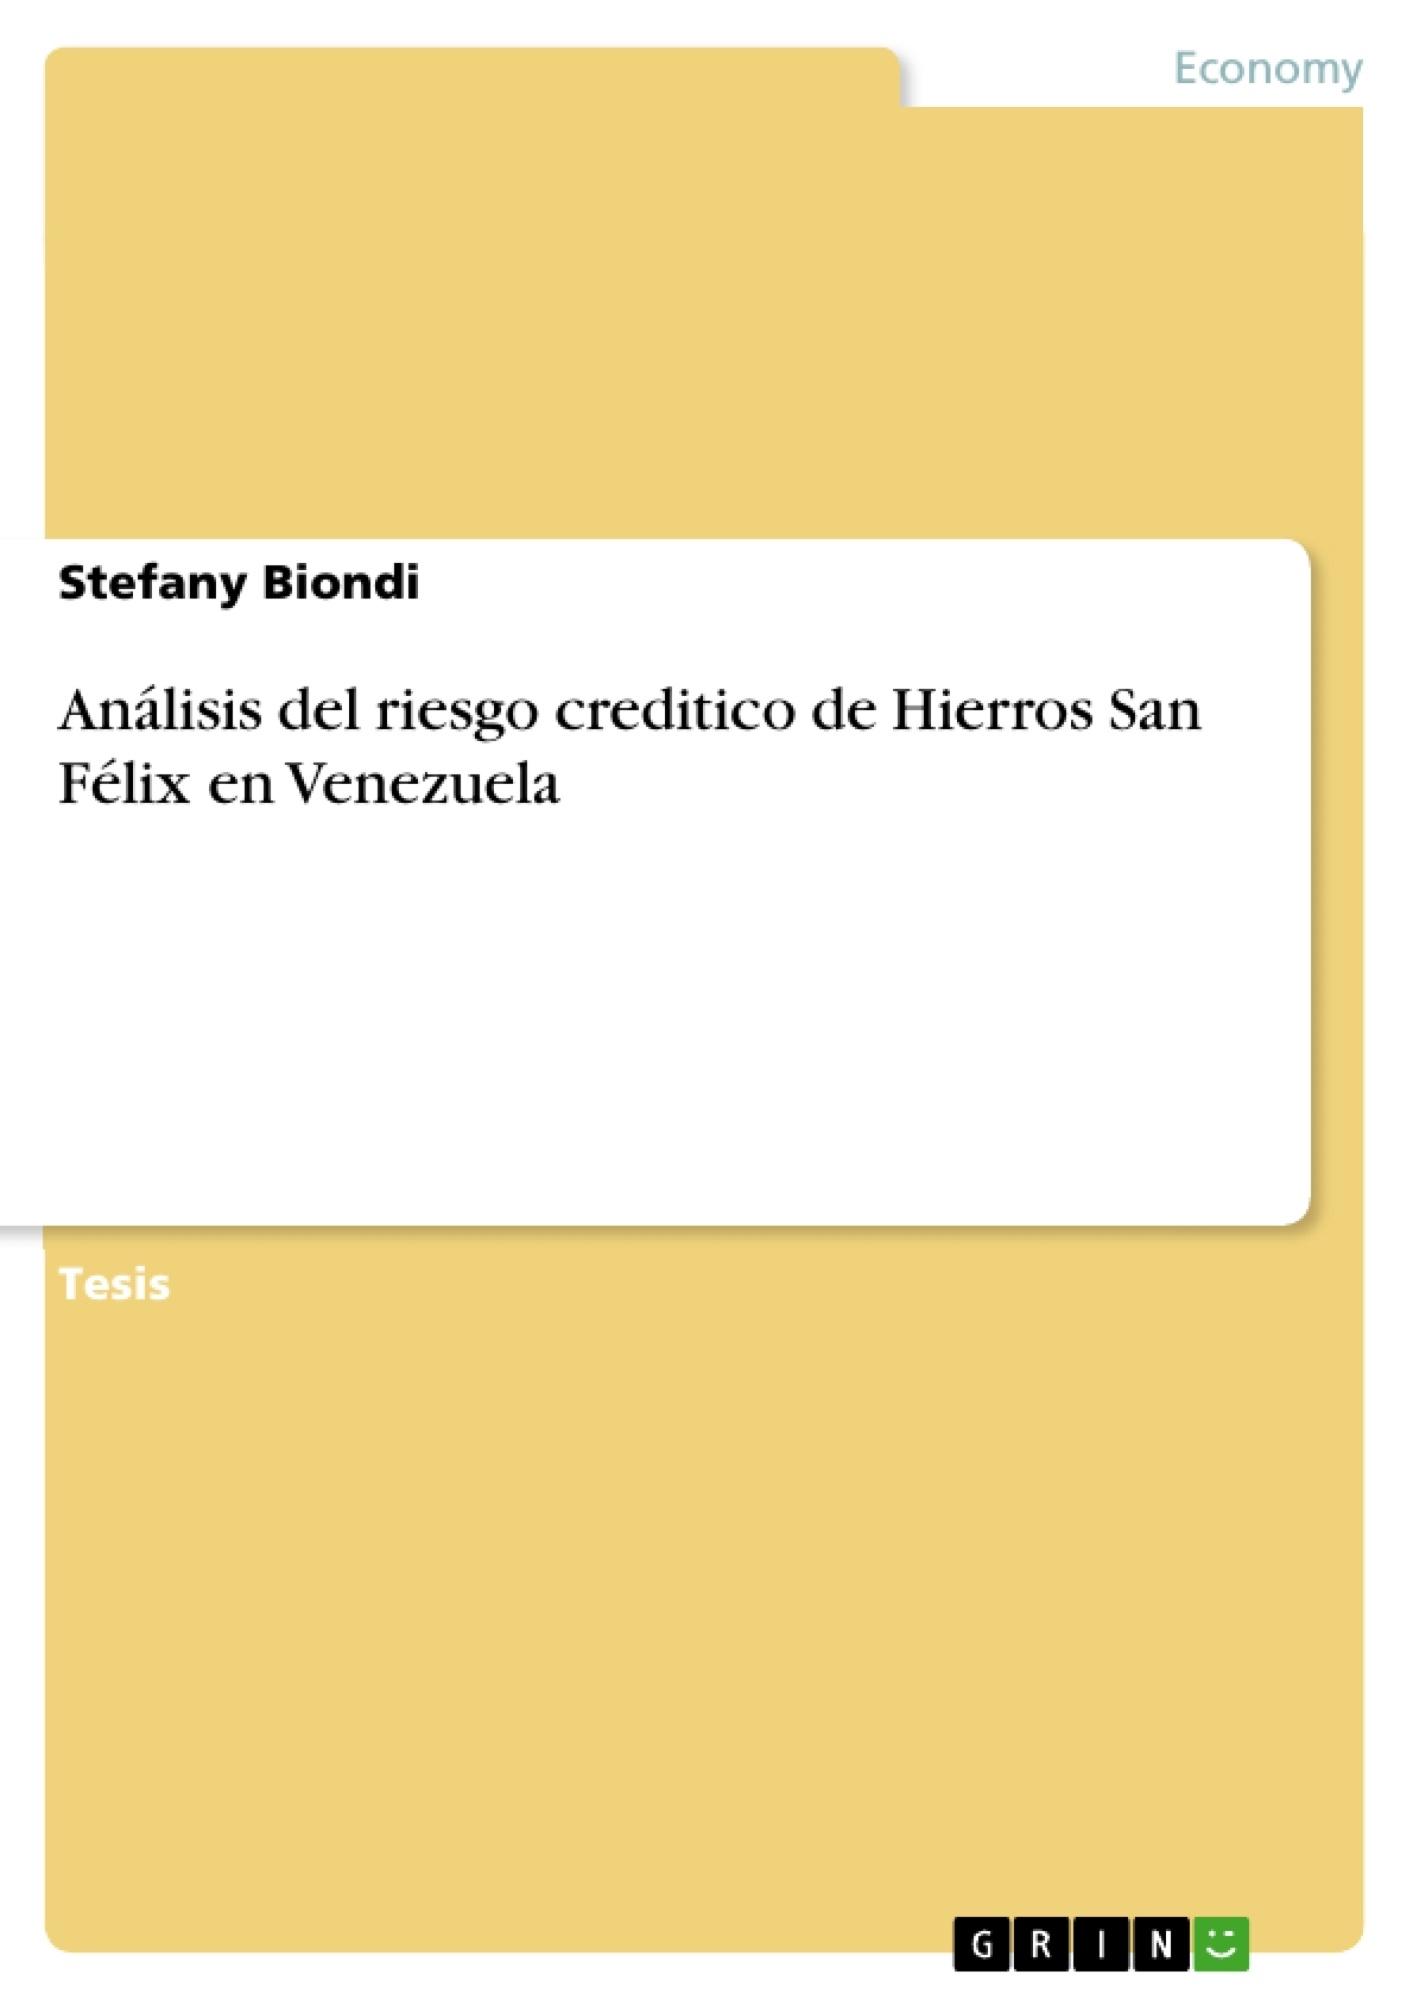 Título: Análisis del riesgo creditico de Hierros San Félix en Venezuela